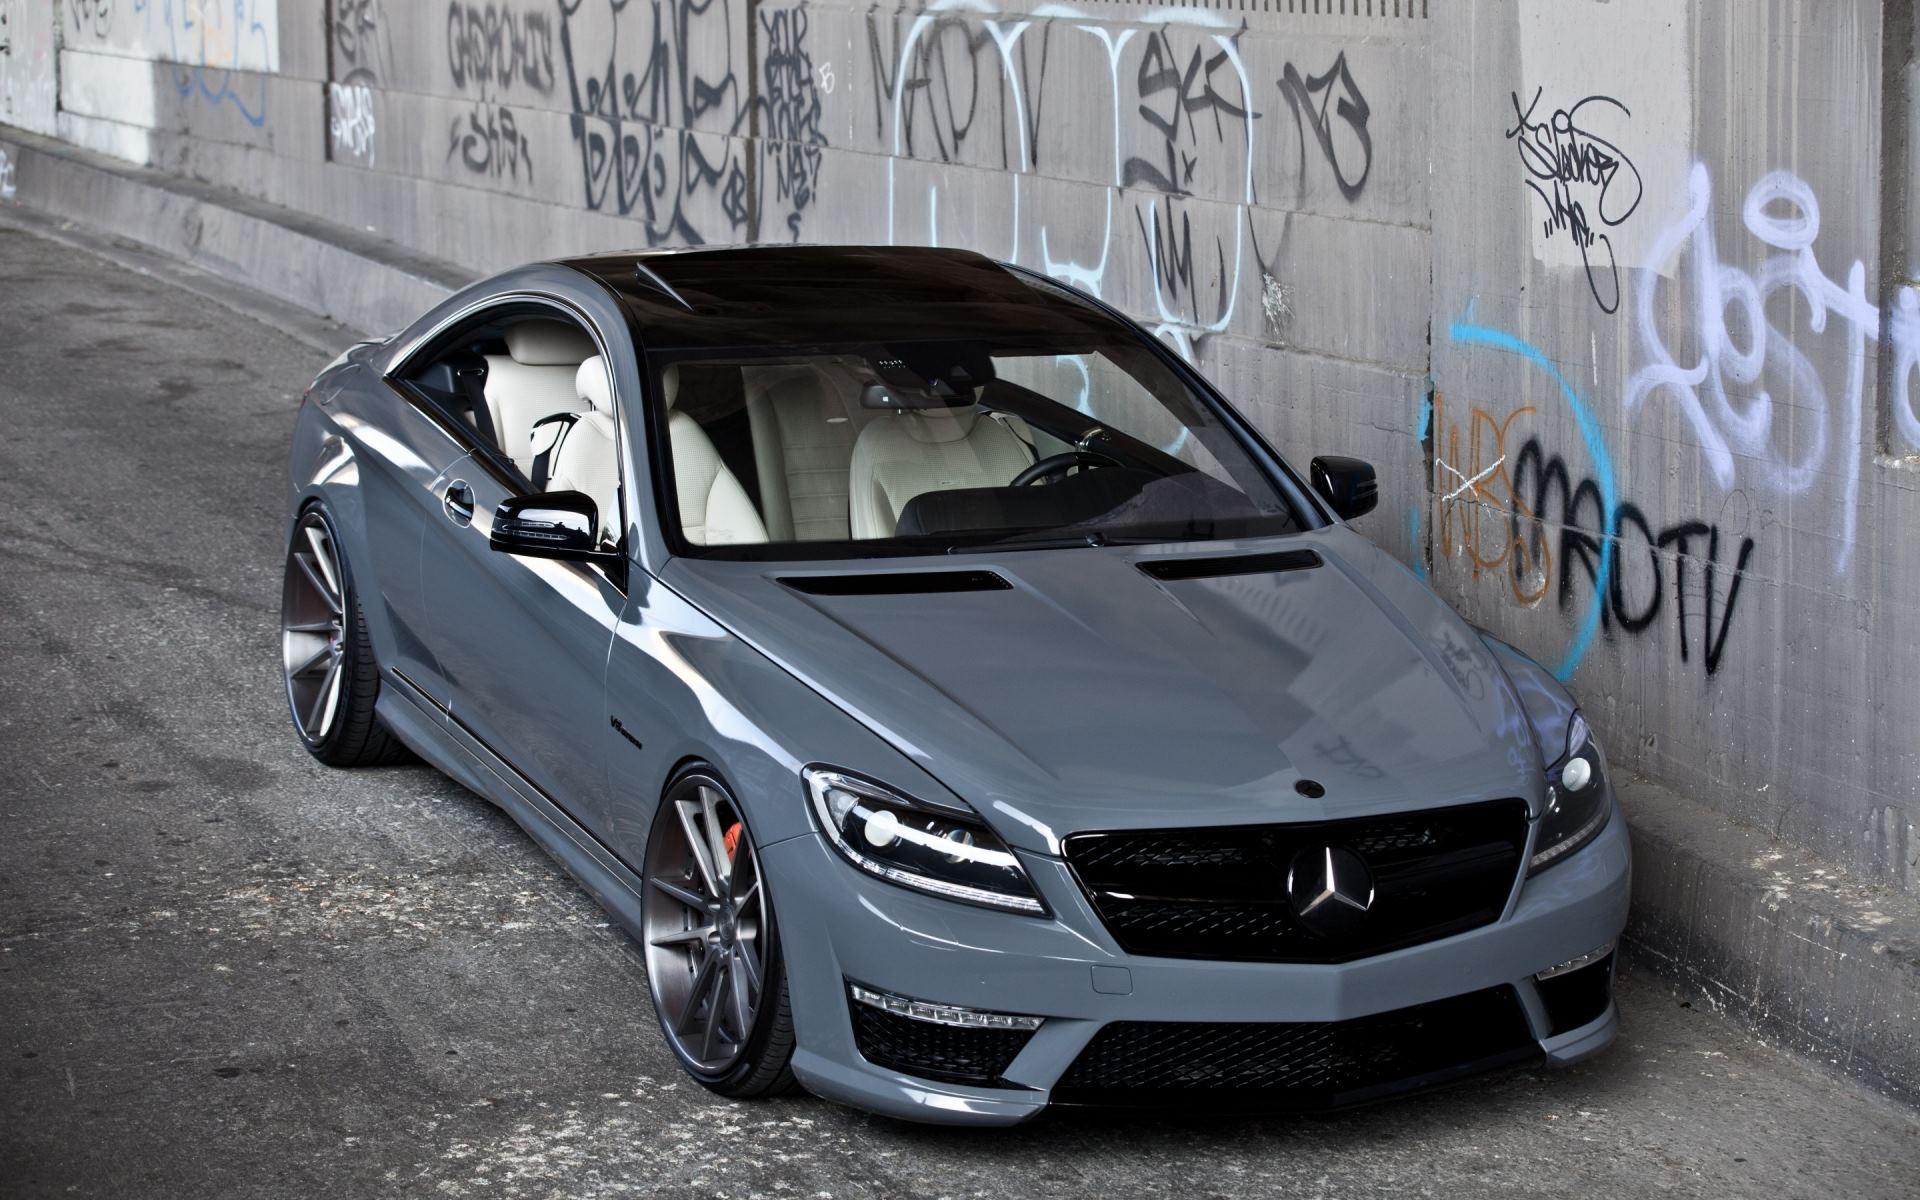 Mercedes Sls Amg Hd >> Mercedes AMG Wallpaper HD - WallpaperSafari